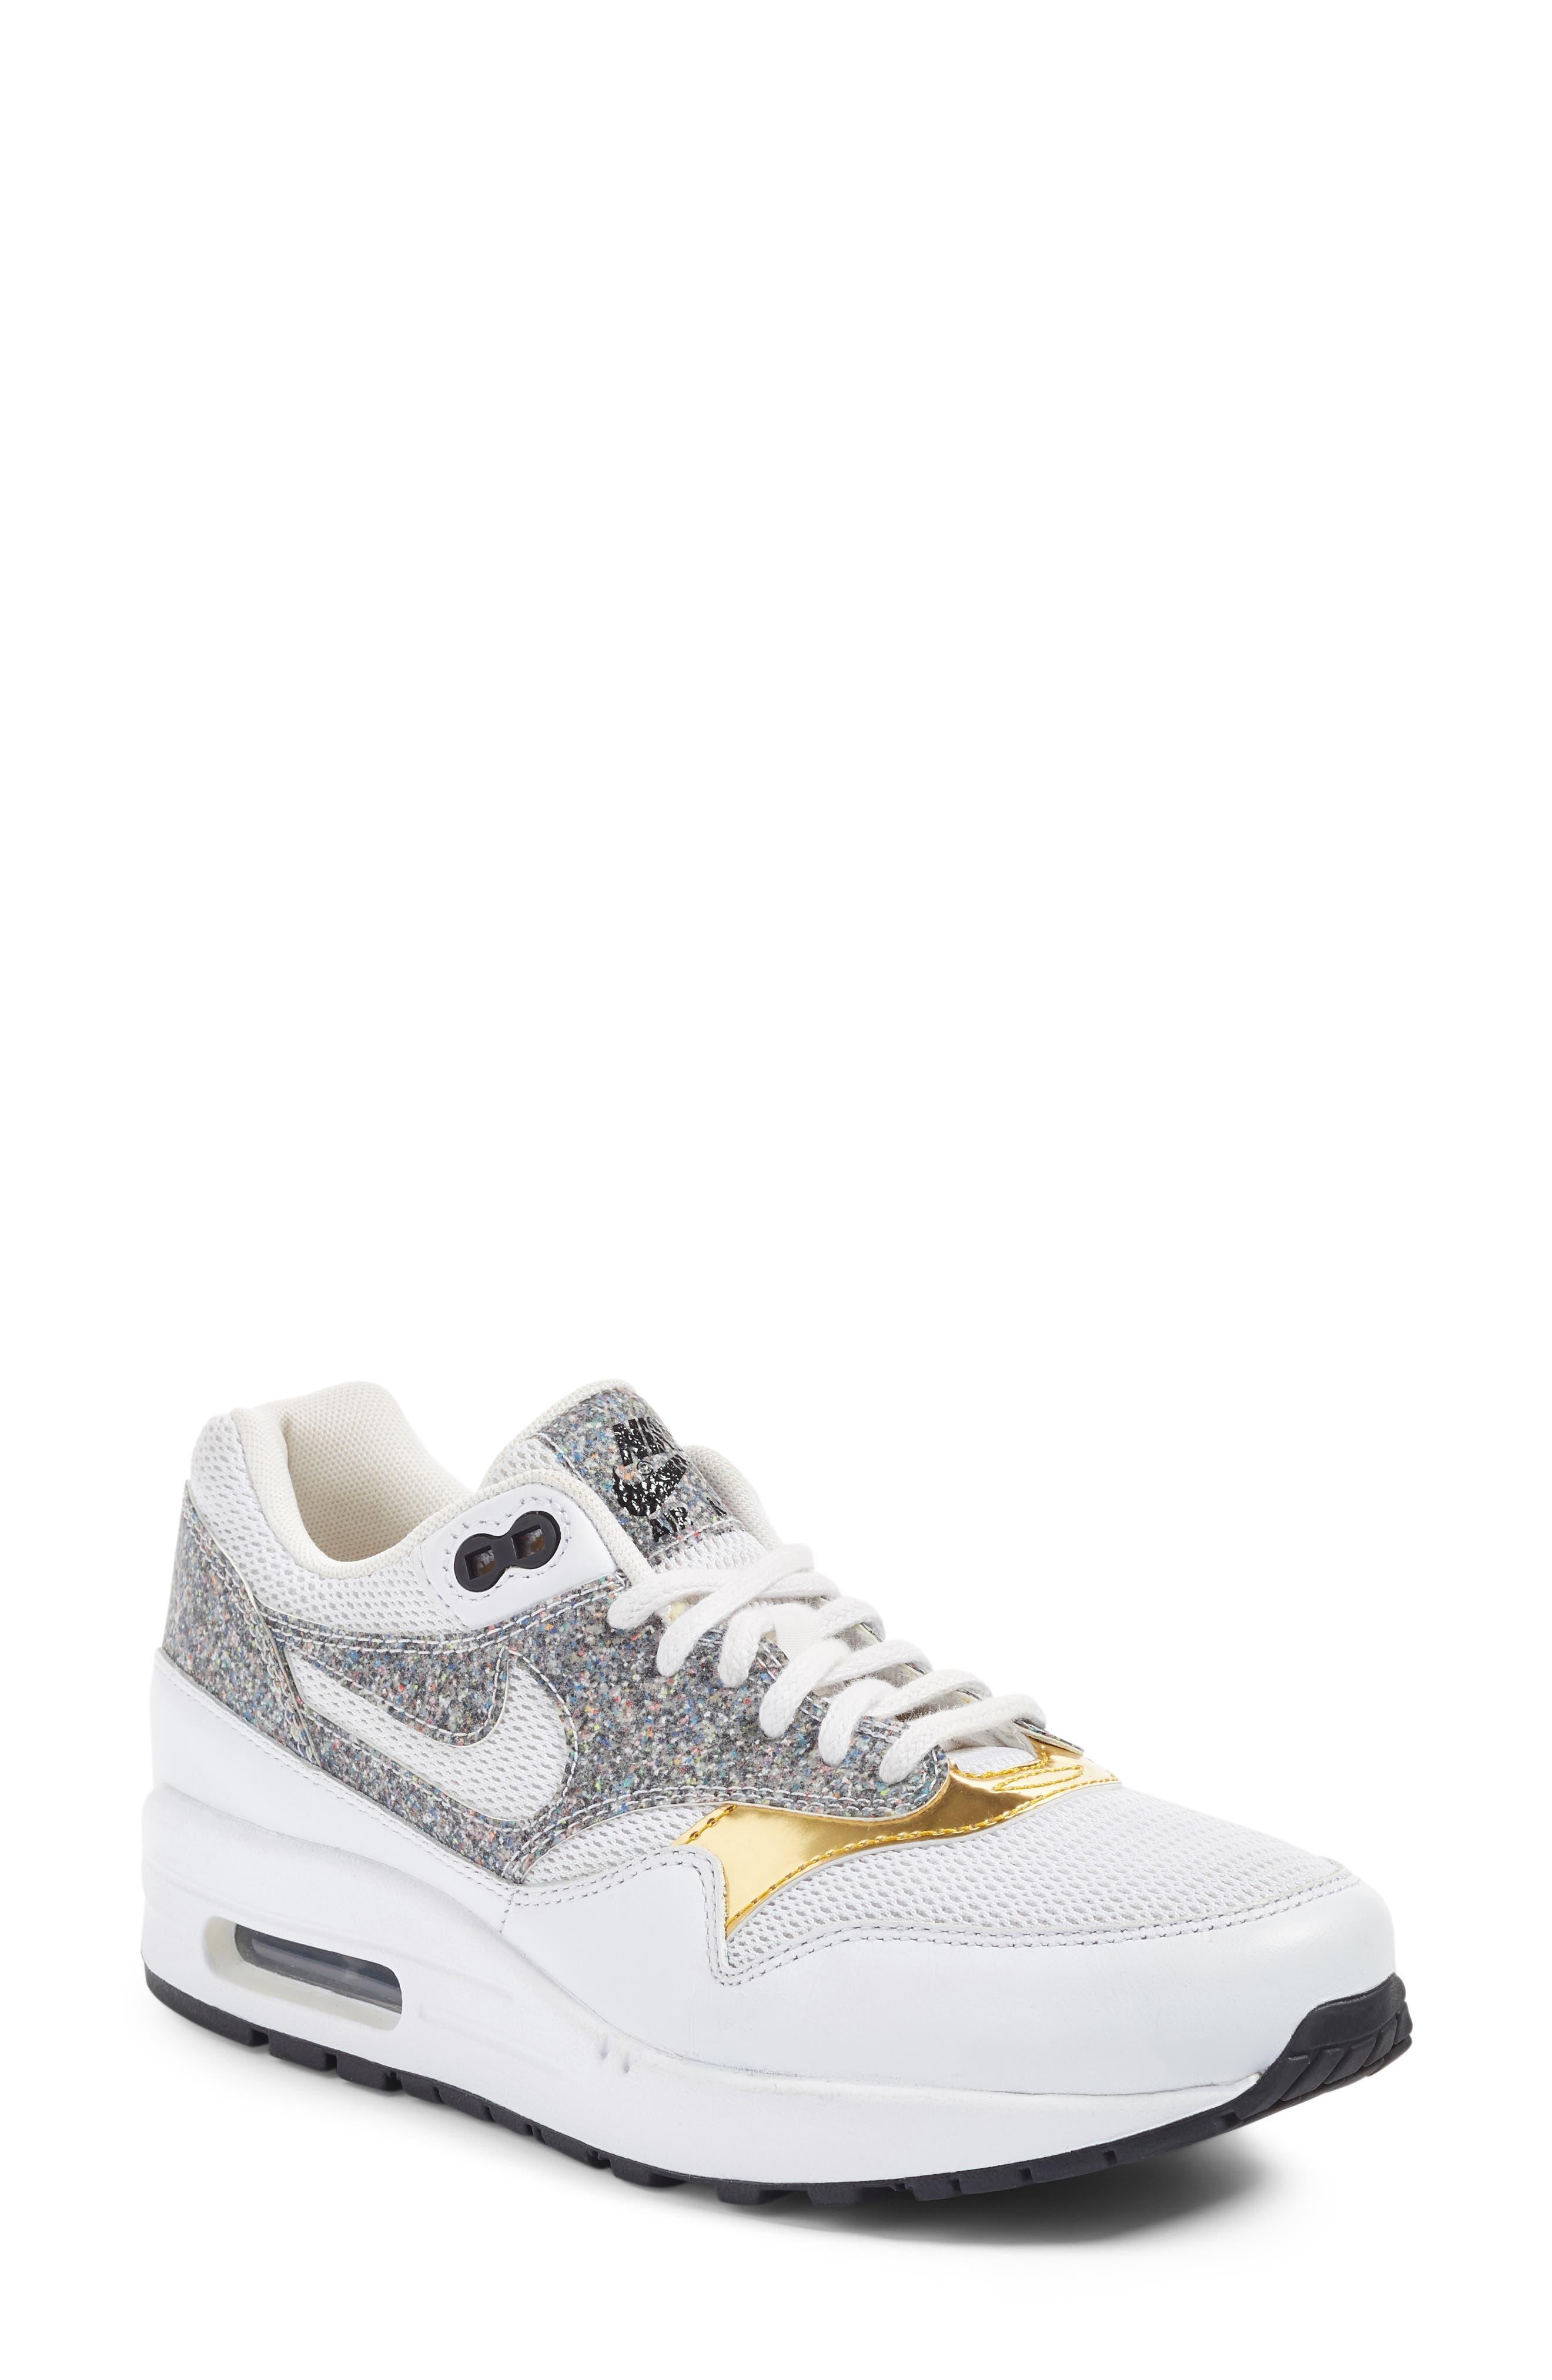 Alternate Image 1 Selected - Nike Air Max 1 SE Sneaker (Women)